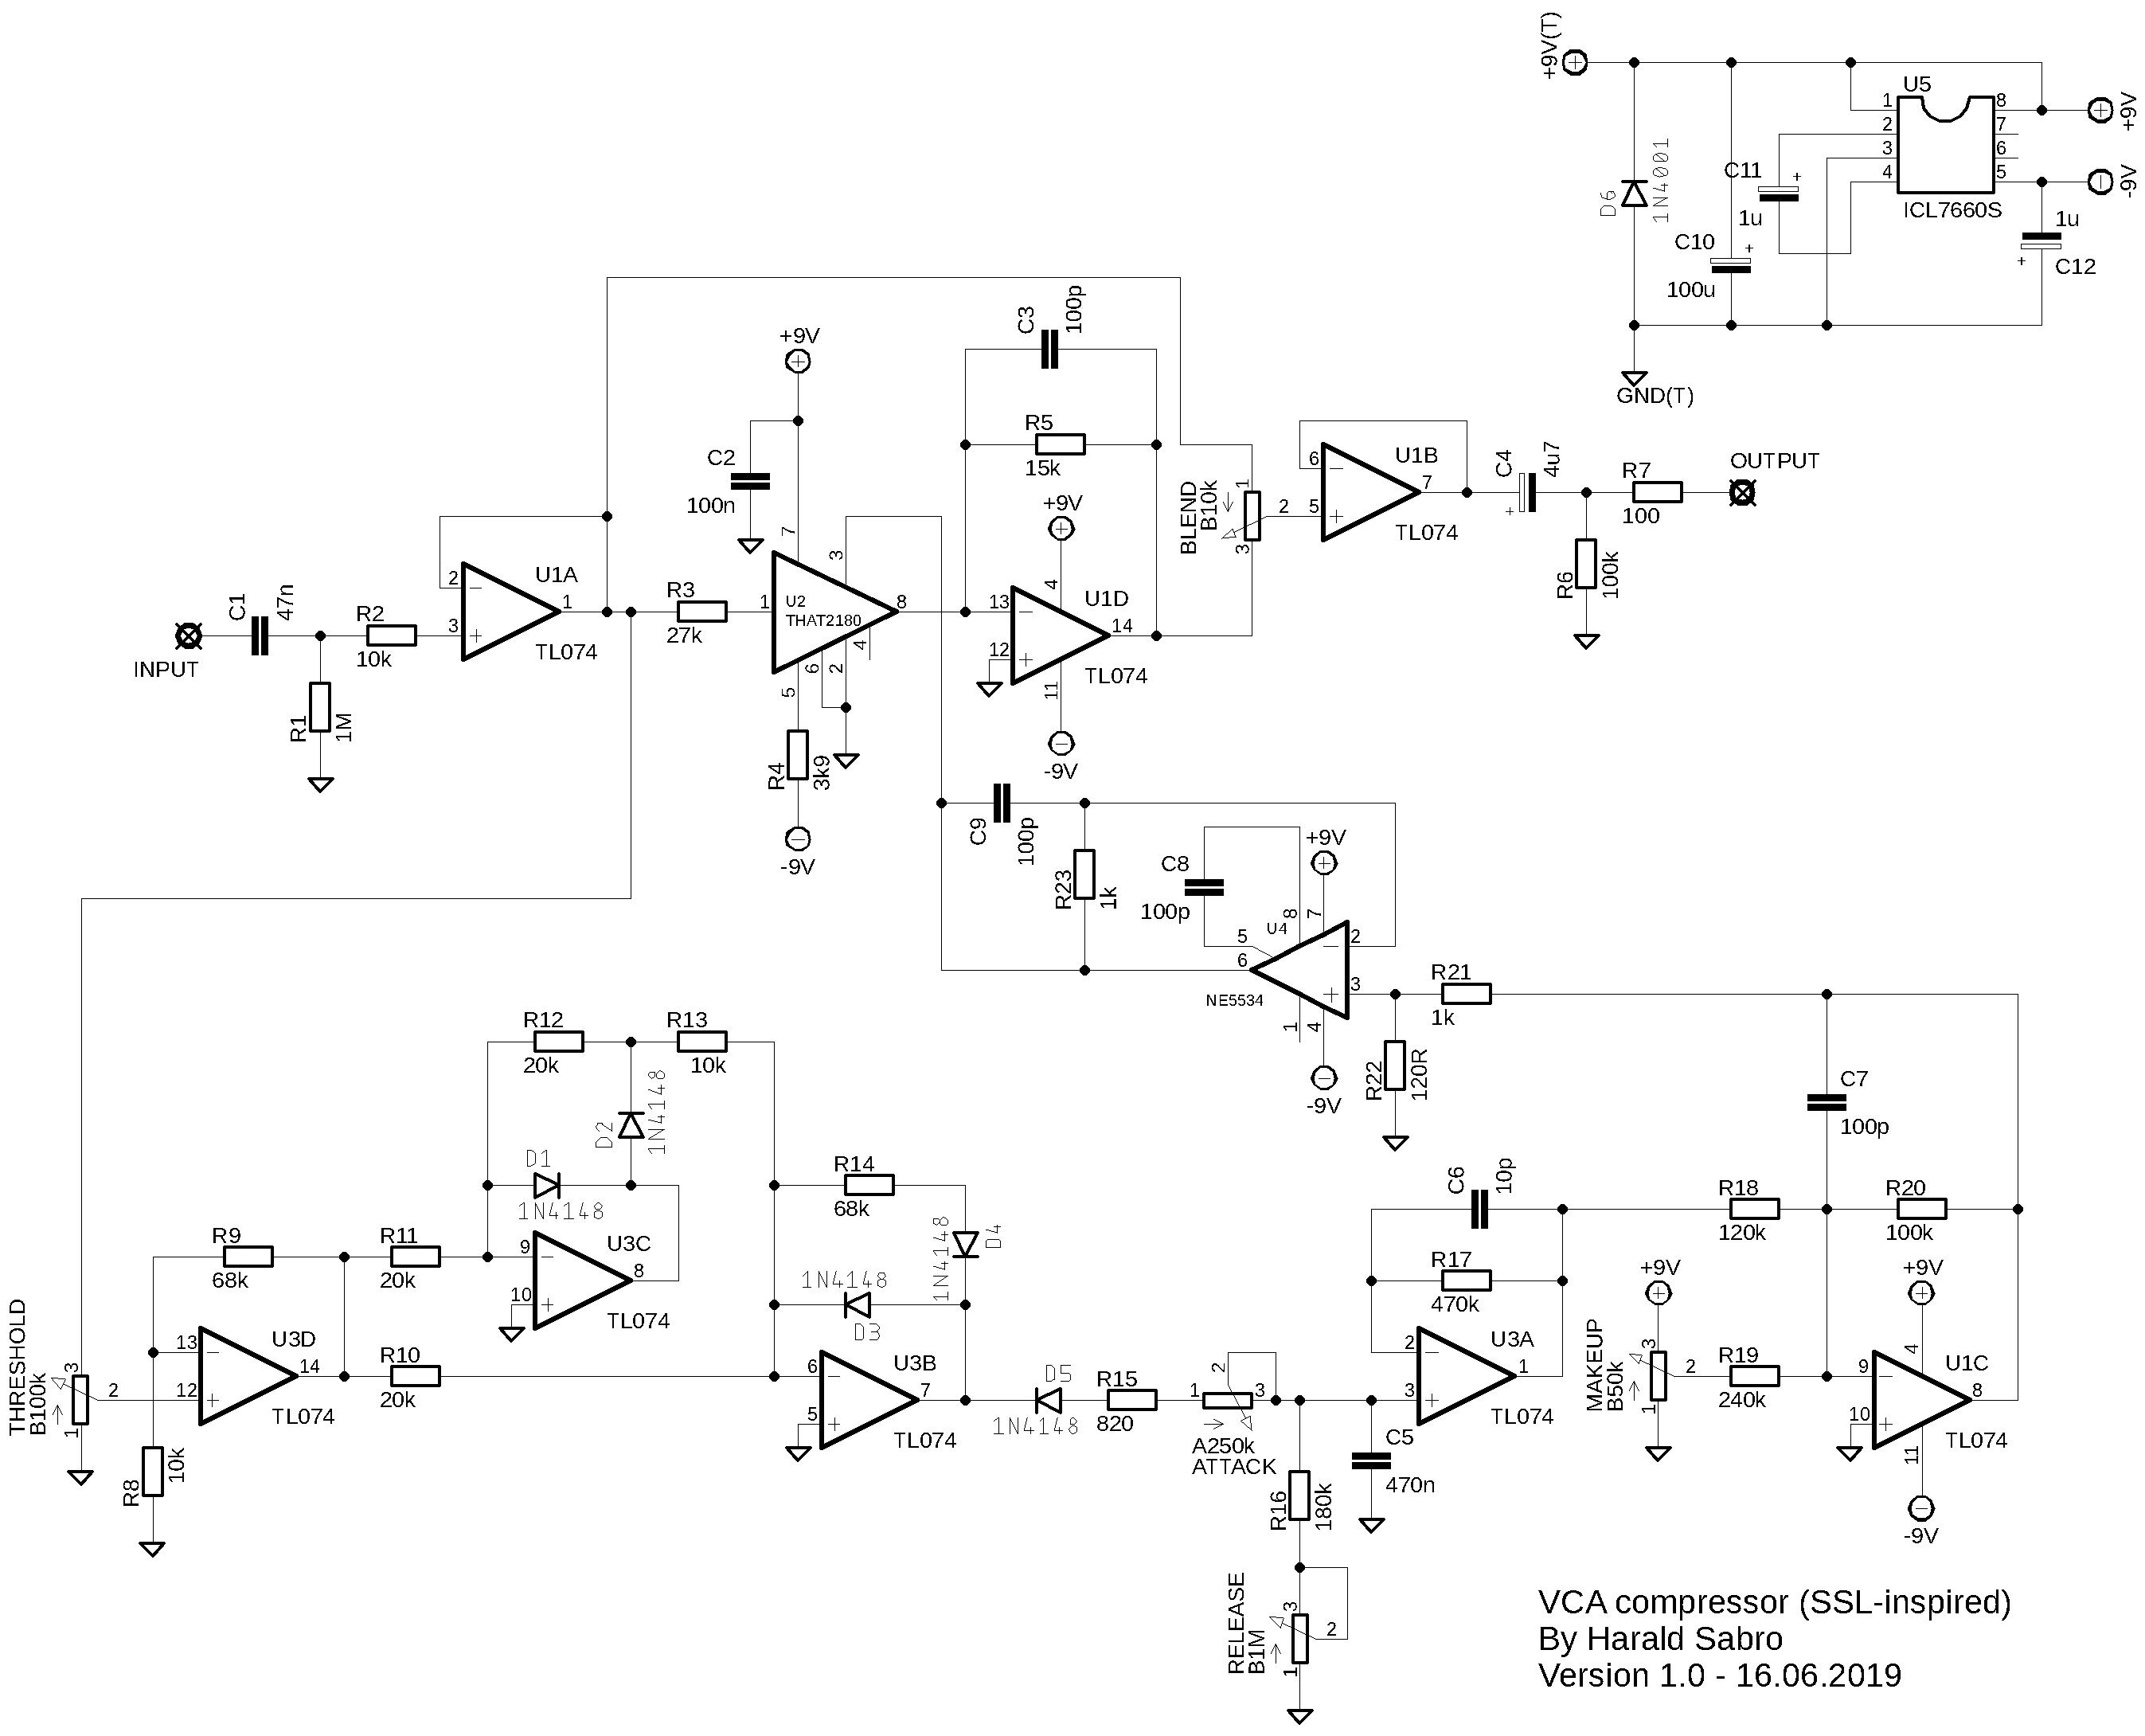 Kompressor – SabroTone